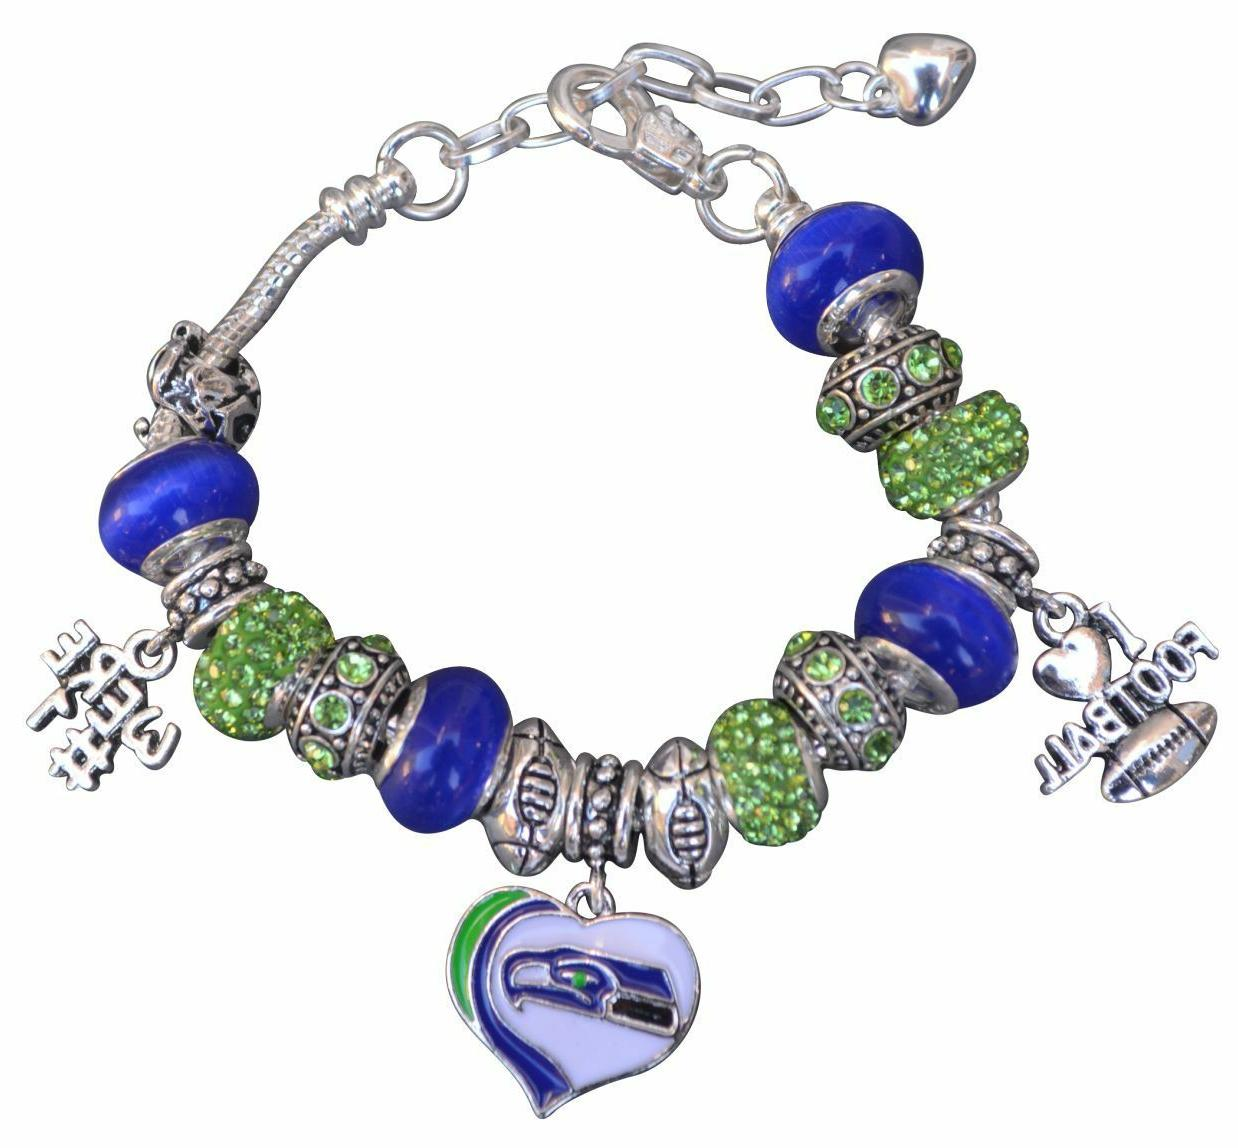 seattle seahawks bracelet seahawks jewelry seahawks gift